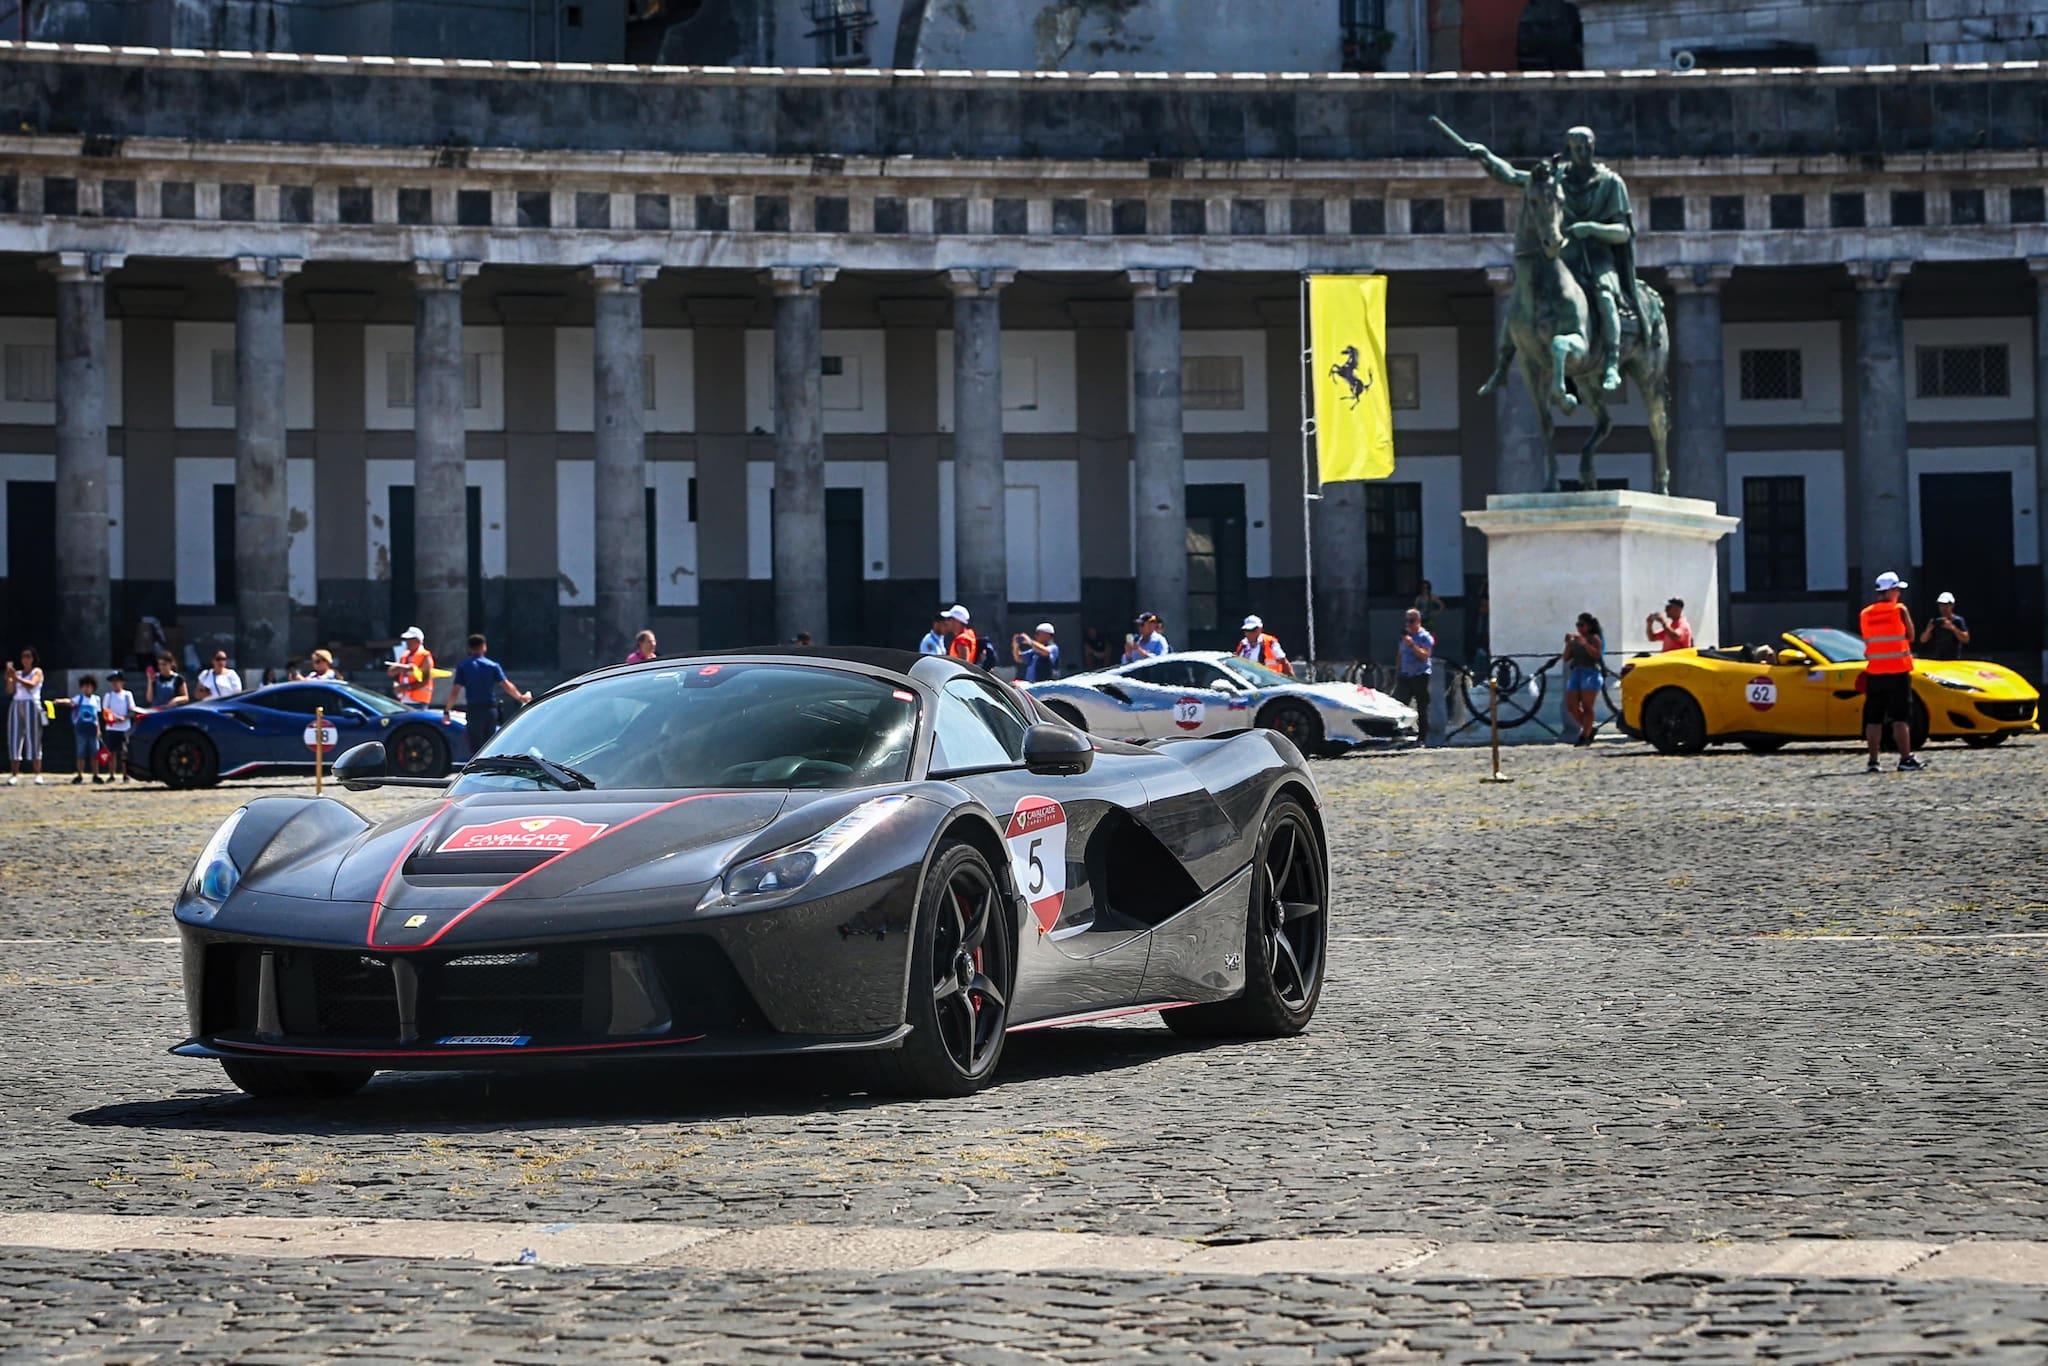 Ferrari Cavalcade Brings the World of Ferrari to Campania